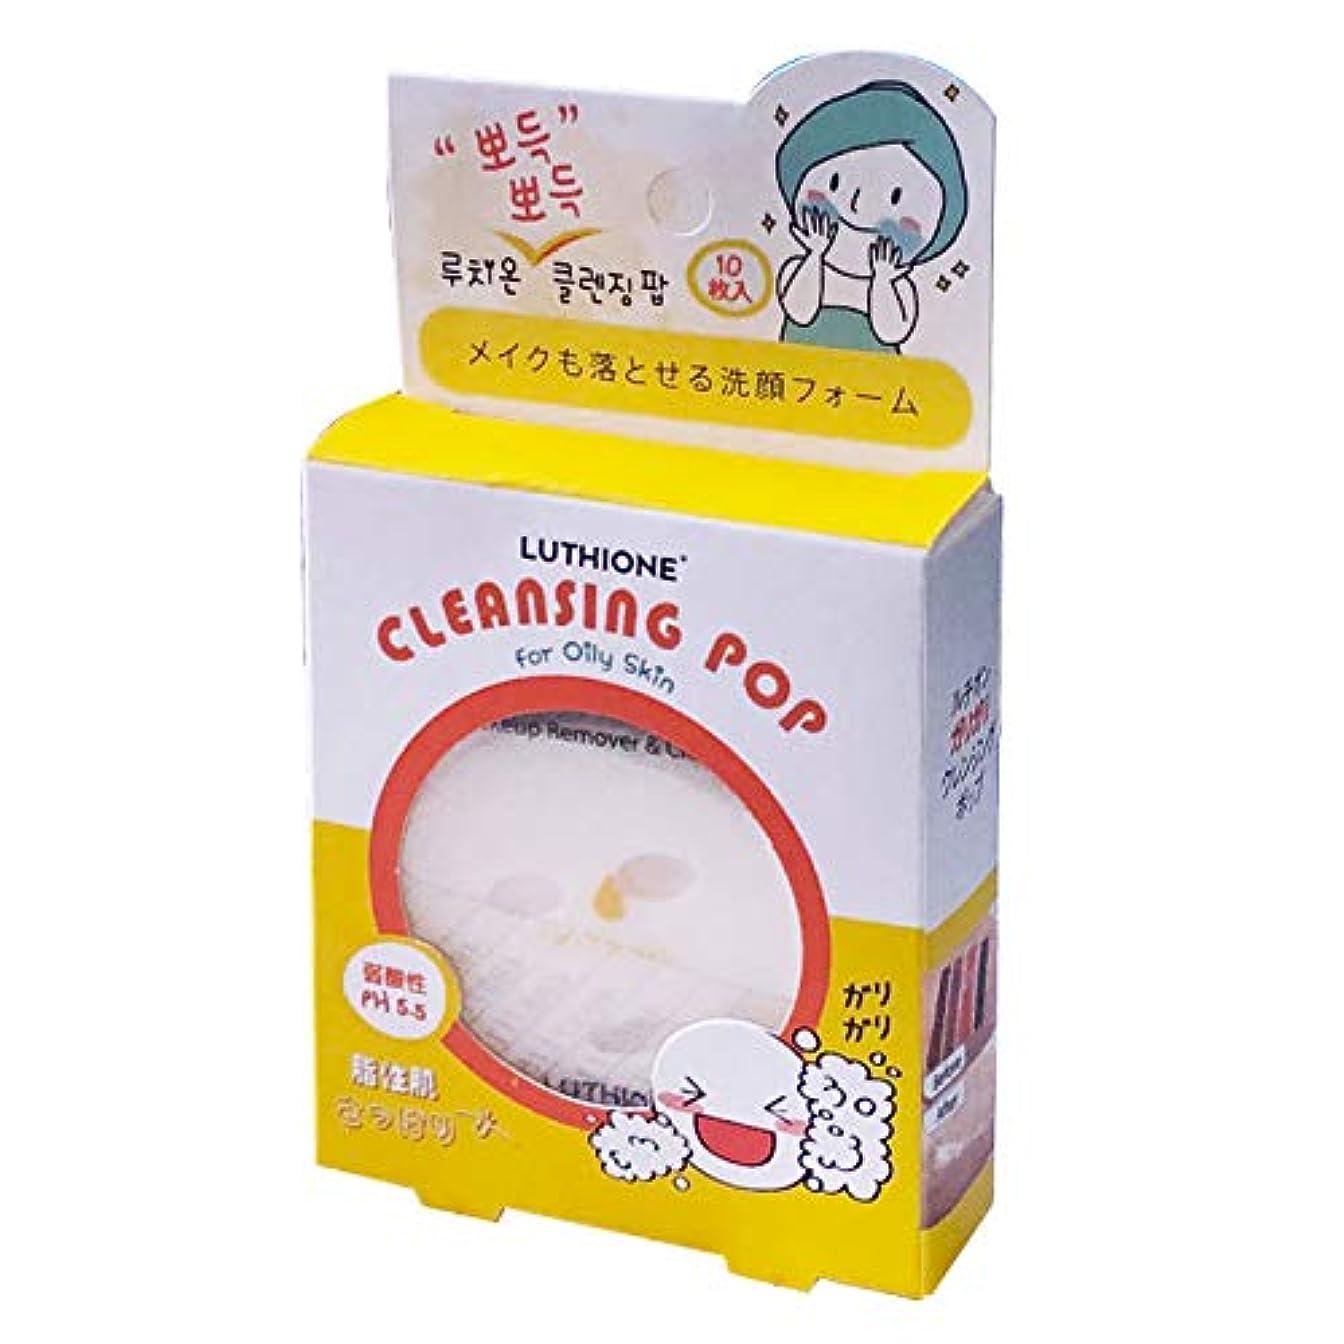 ペストリー分数バリア【まとめ買い】ルチオン クレンジングポップ (LUTHIONE CLEANSING POP) 脂性肌 10枚入り ×10個